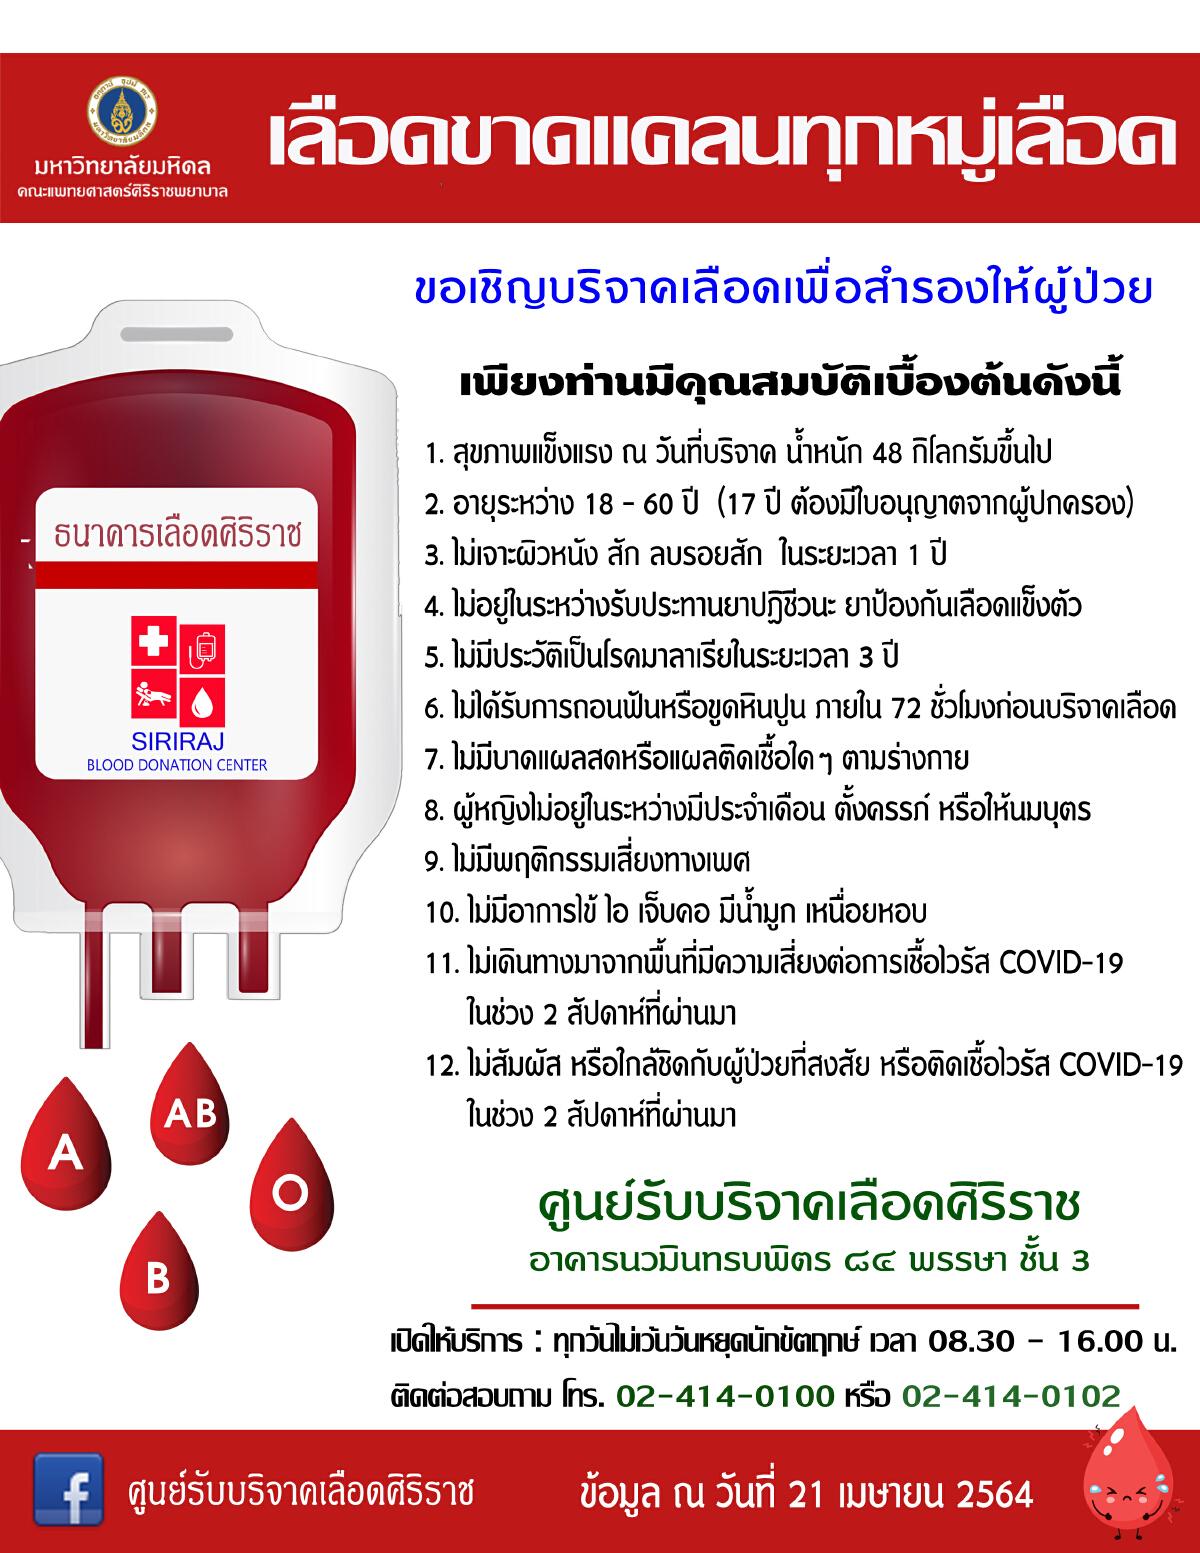 วิกฤติโควิด-19 ธนาคารเลือดศิริราช ขาดแคลนทุกหมู่เลือด